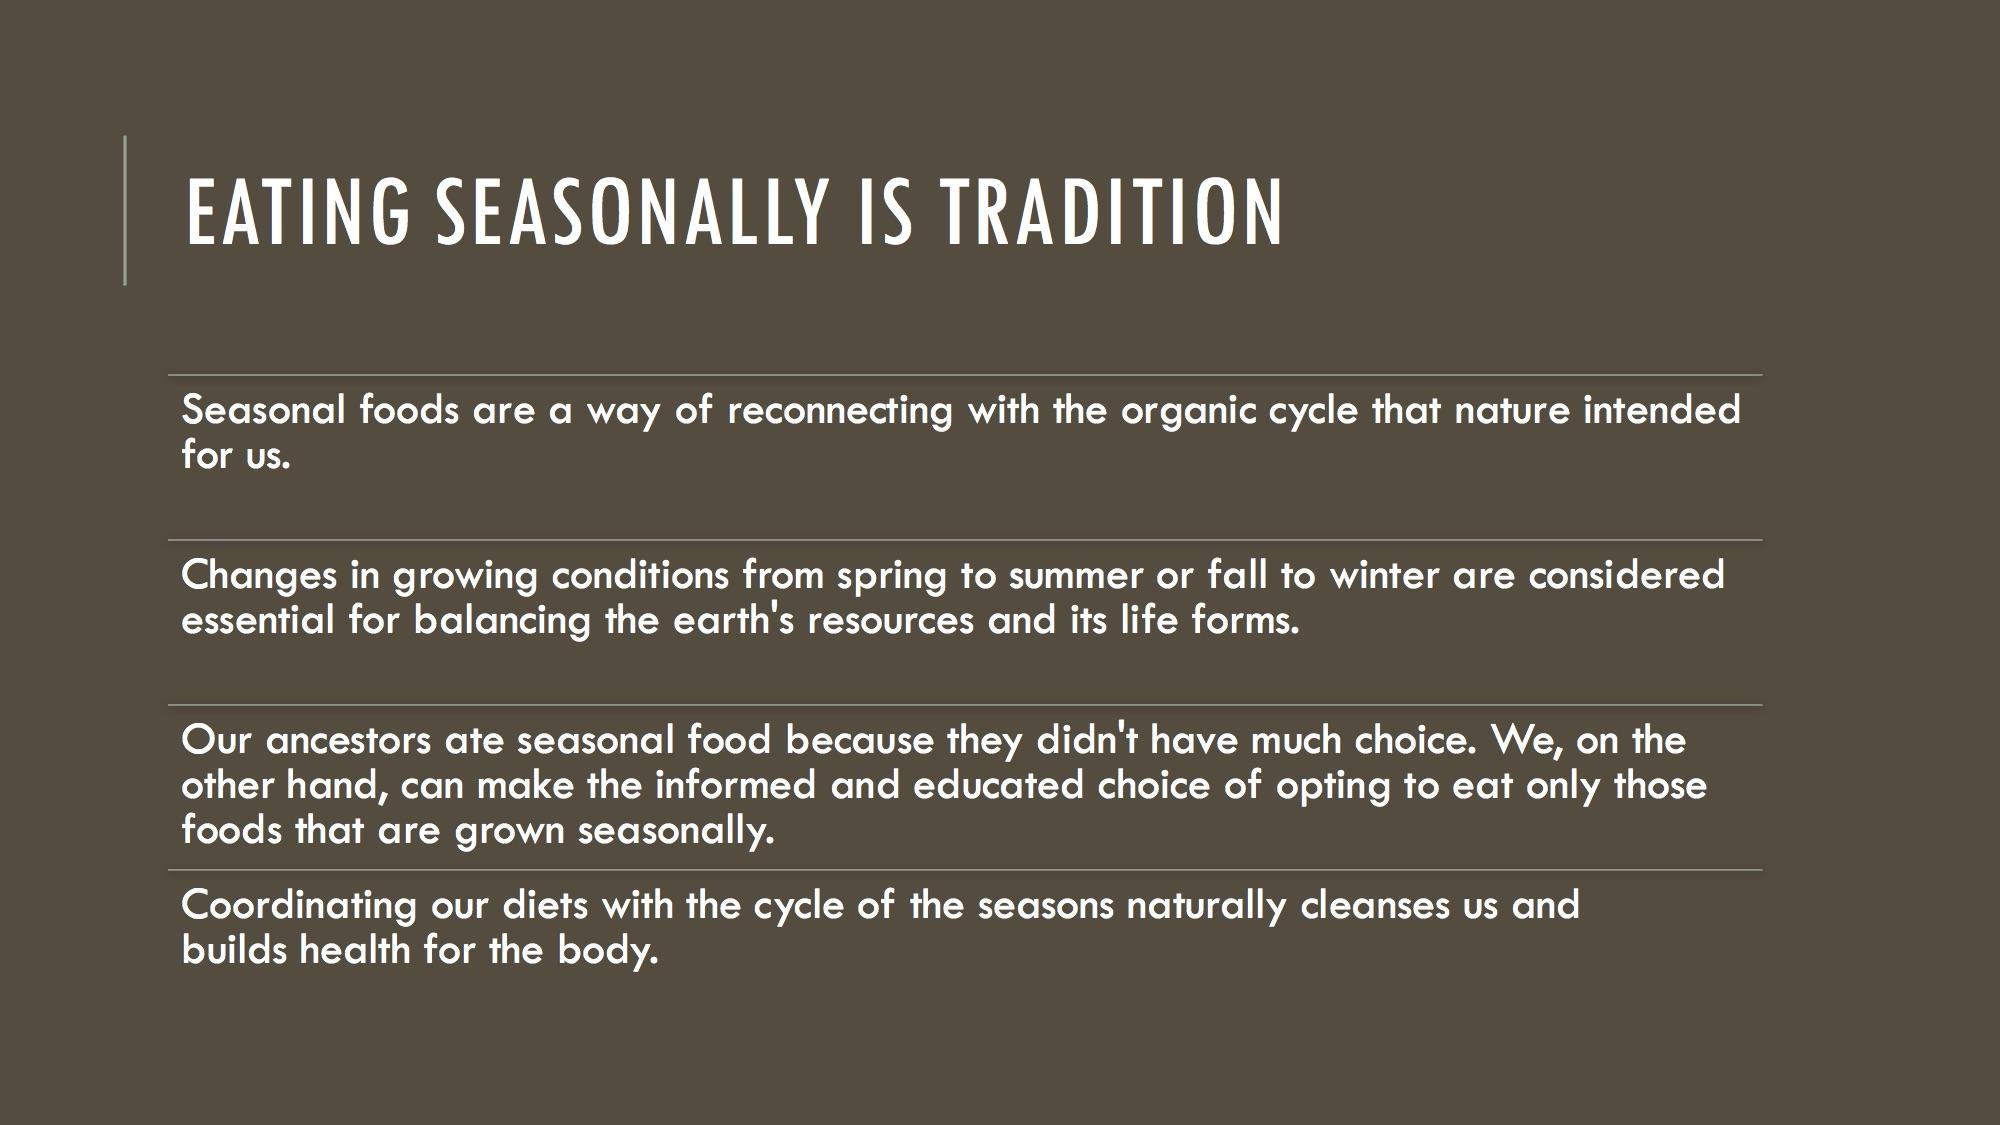 SeasonalEating-2.jpg